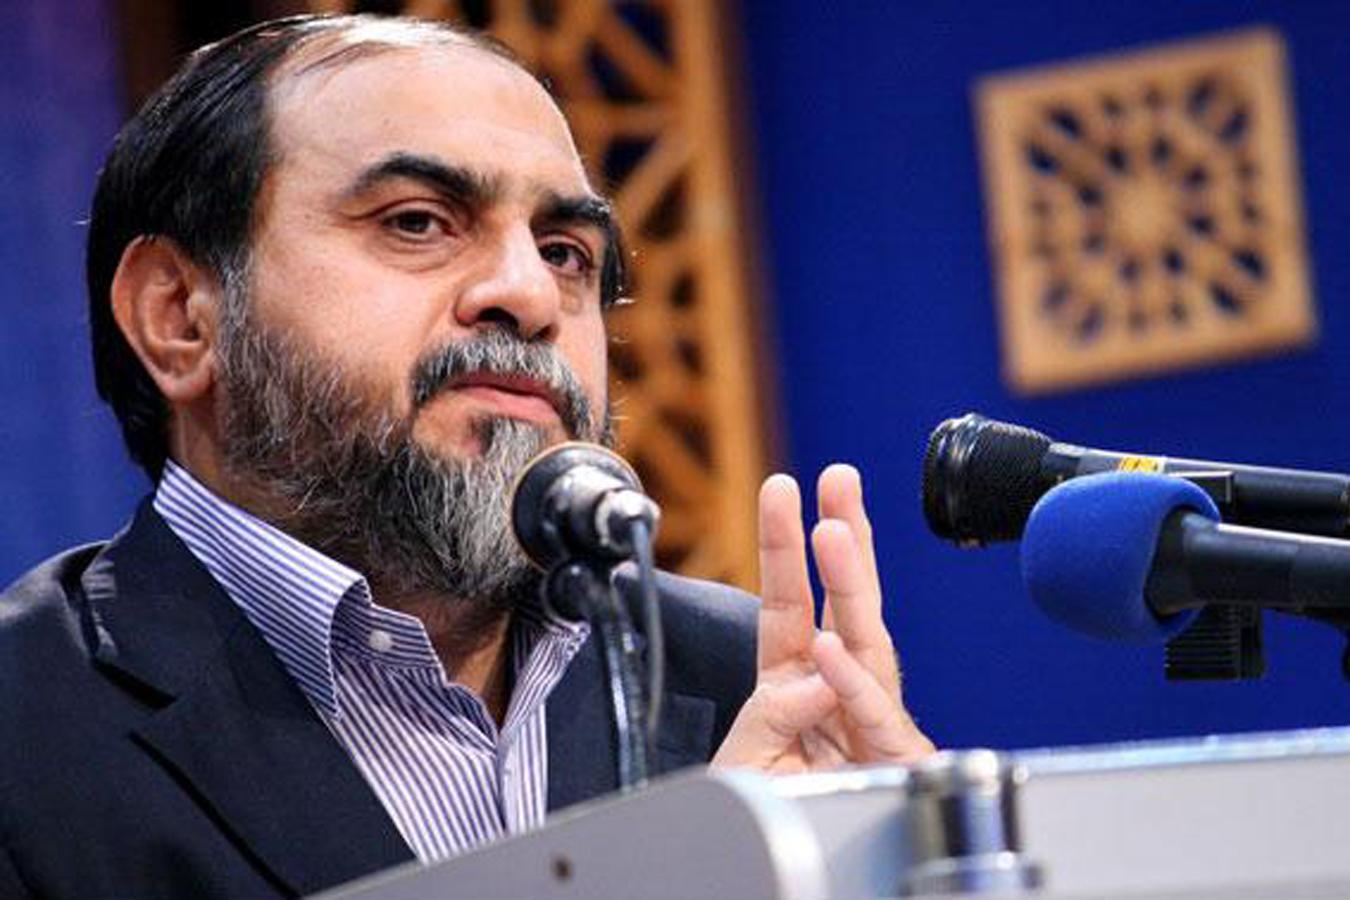 کلیپ حسن رحیمپور ازغدی:مشکل بی عرضگی مسئولان است نه تحریم!